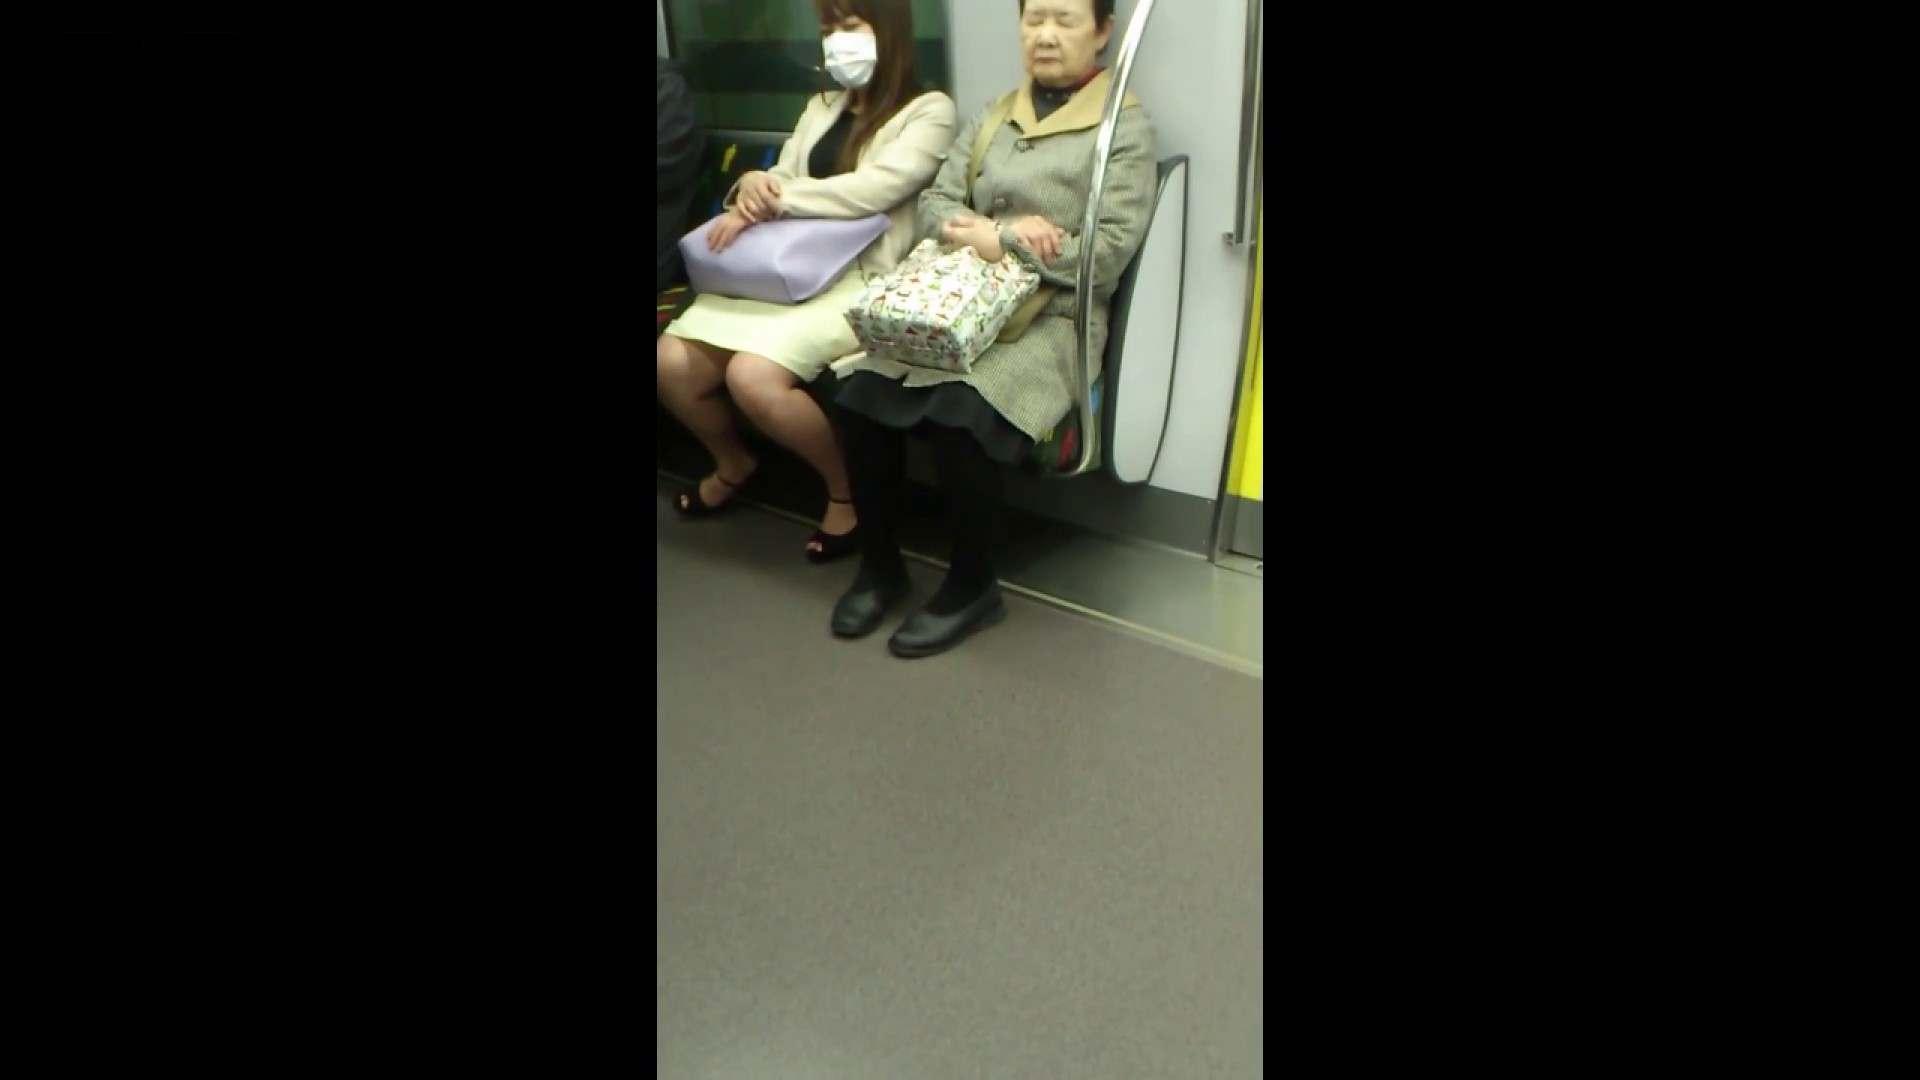 盗撮列車 Vol.55 黄色の爽やかなスカートが大好きです。 盗撮エロすぎ | OL  38連発 5